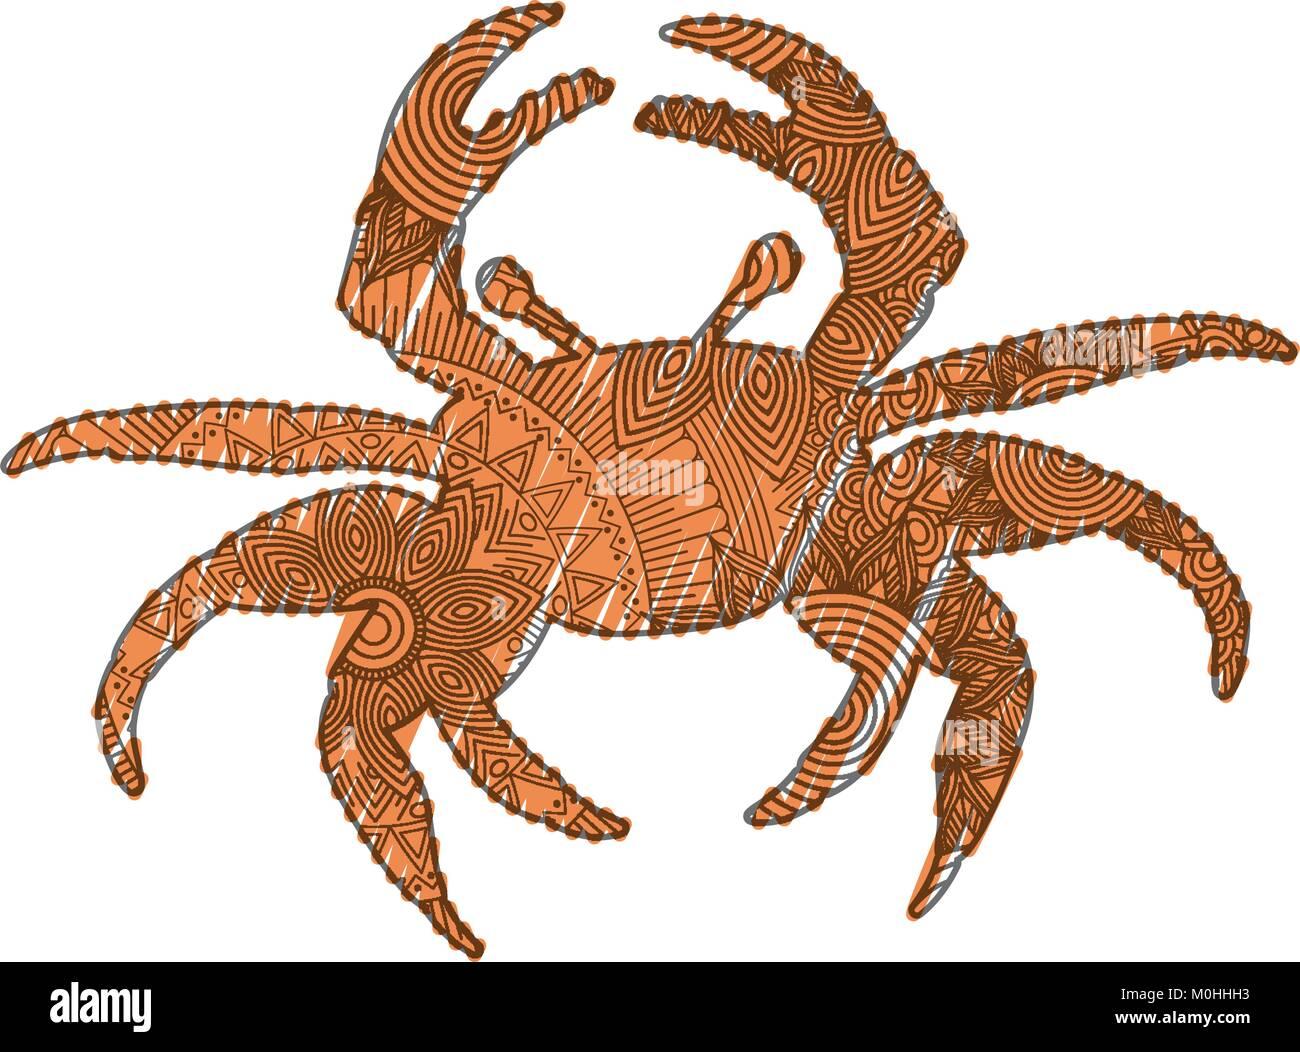 Crab Hand Drawn Imágenes De Stock & Crab Hand Drawn Fotos De Stock ...